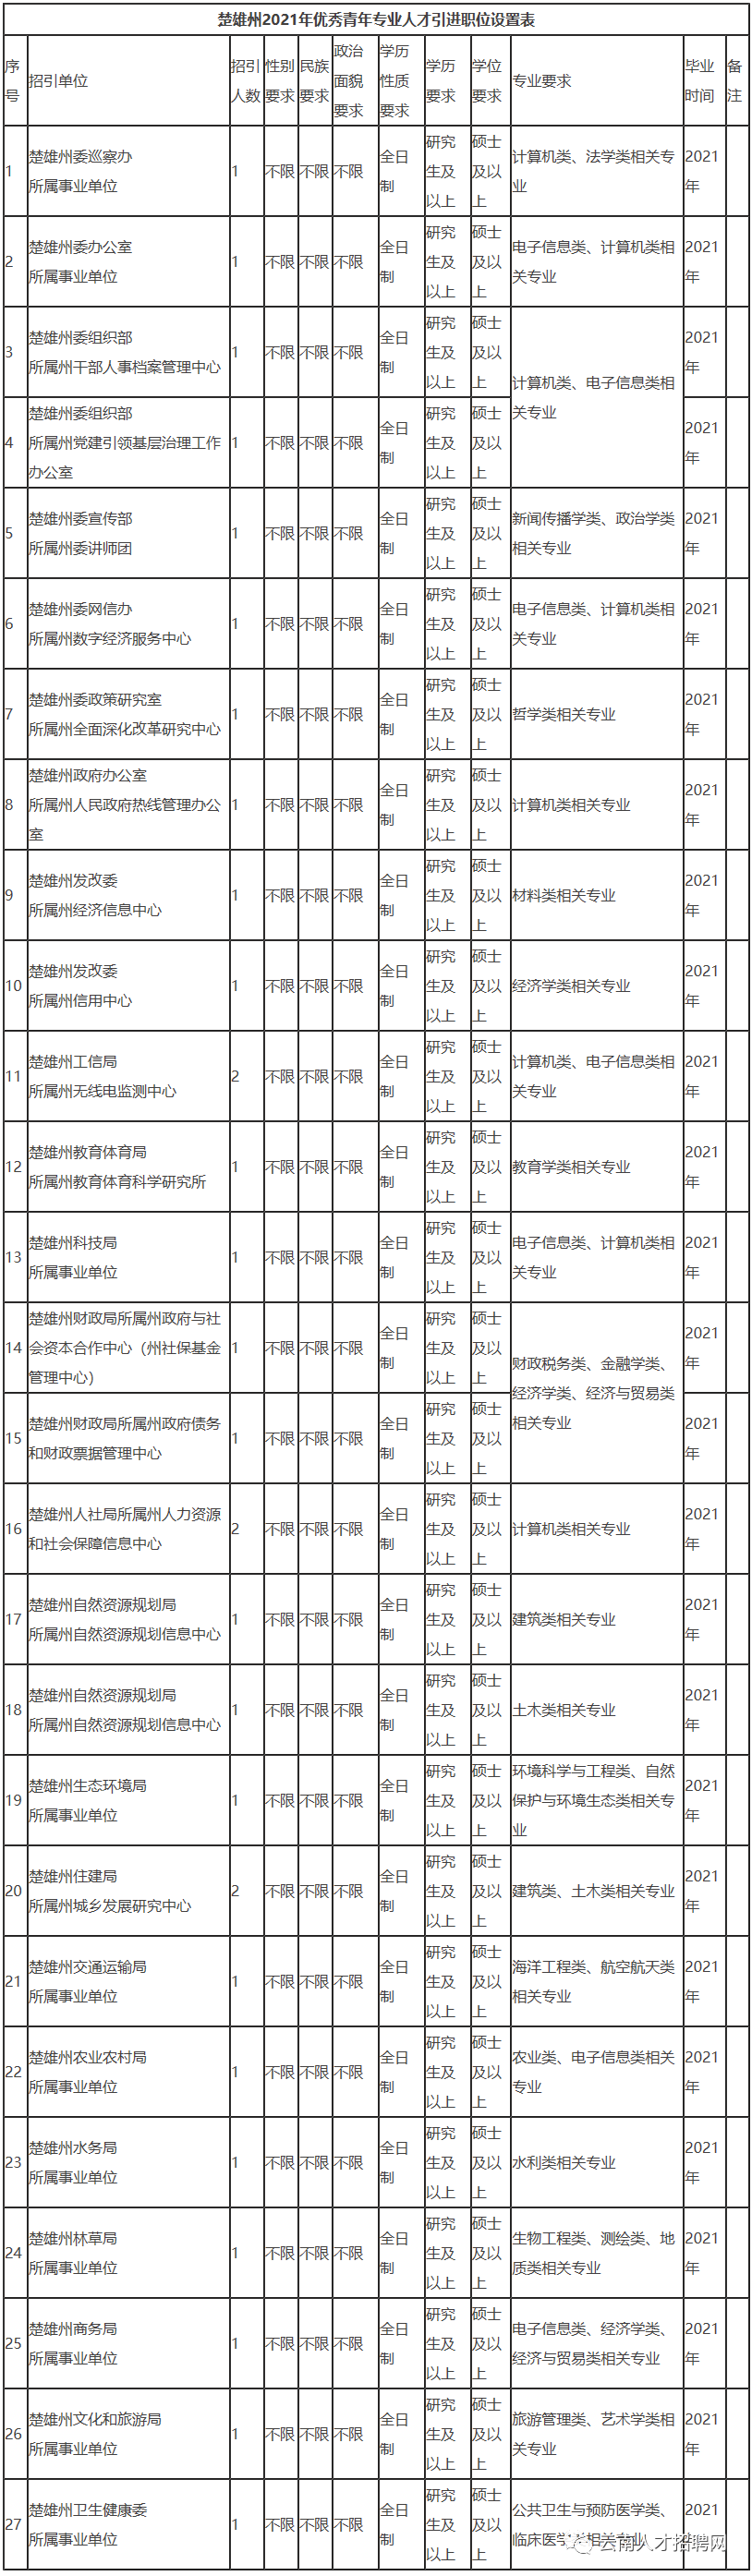 云南省楚雄州优秀青年专业人才专项招引公告.png